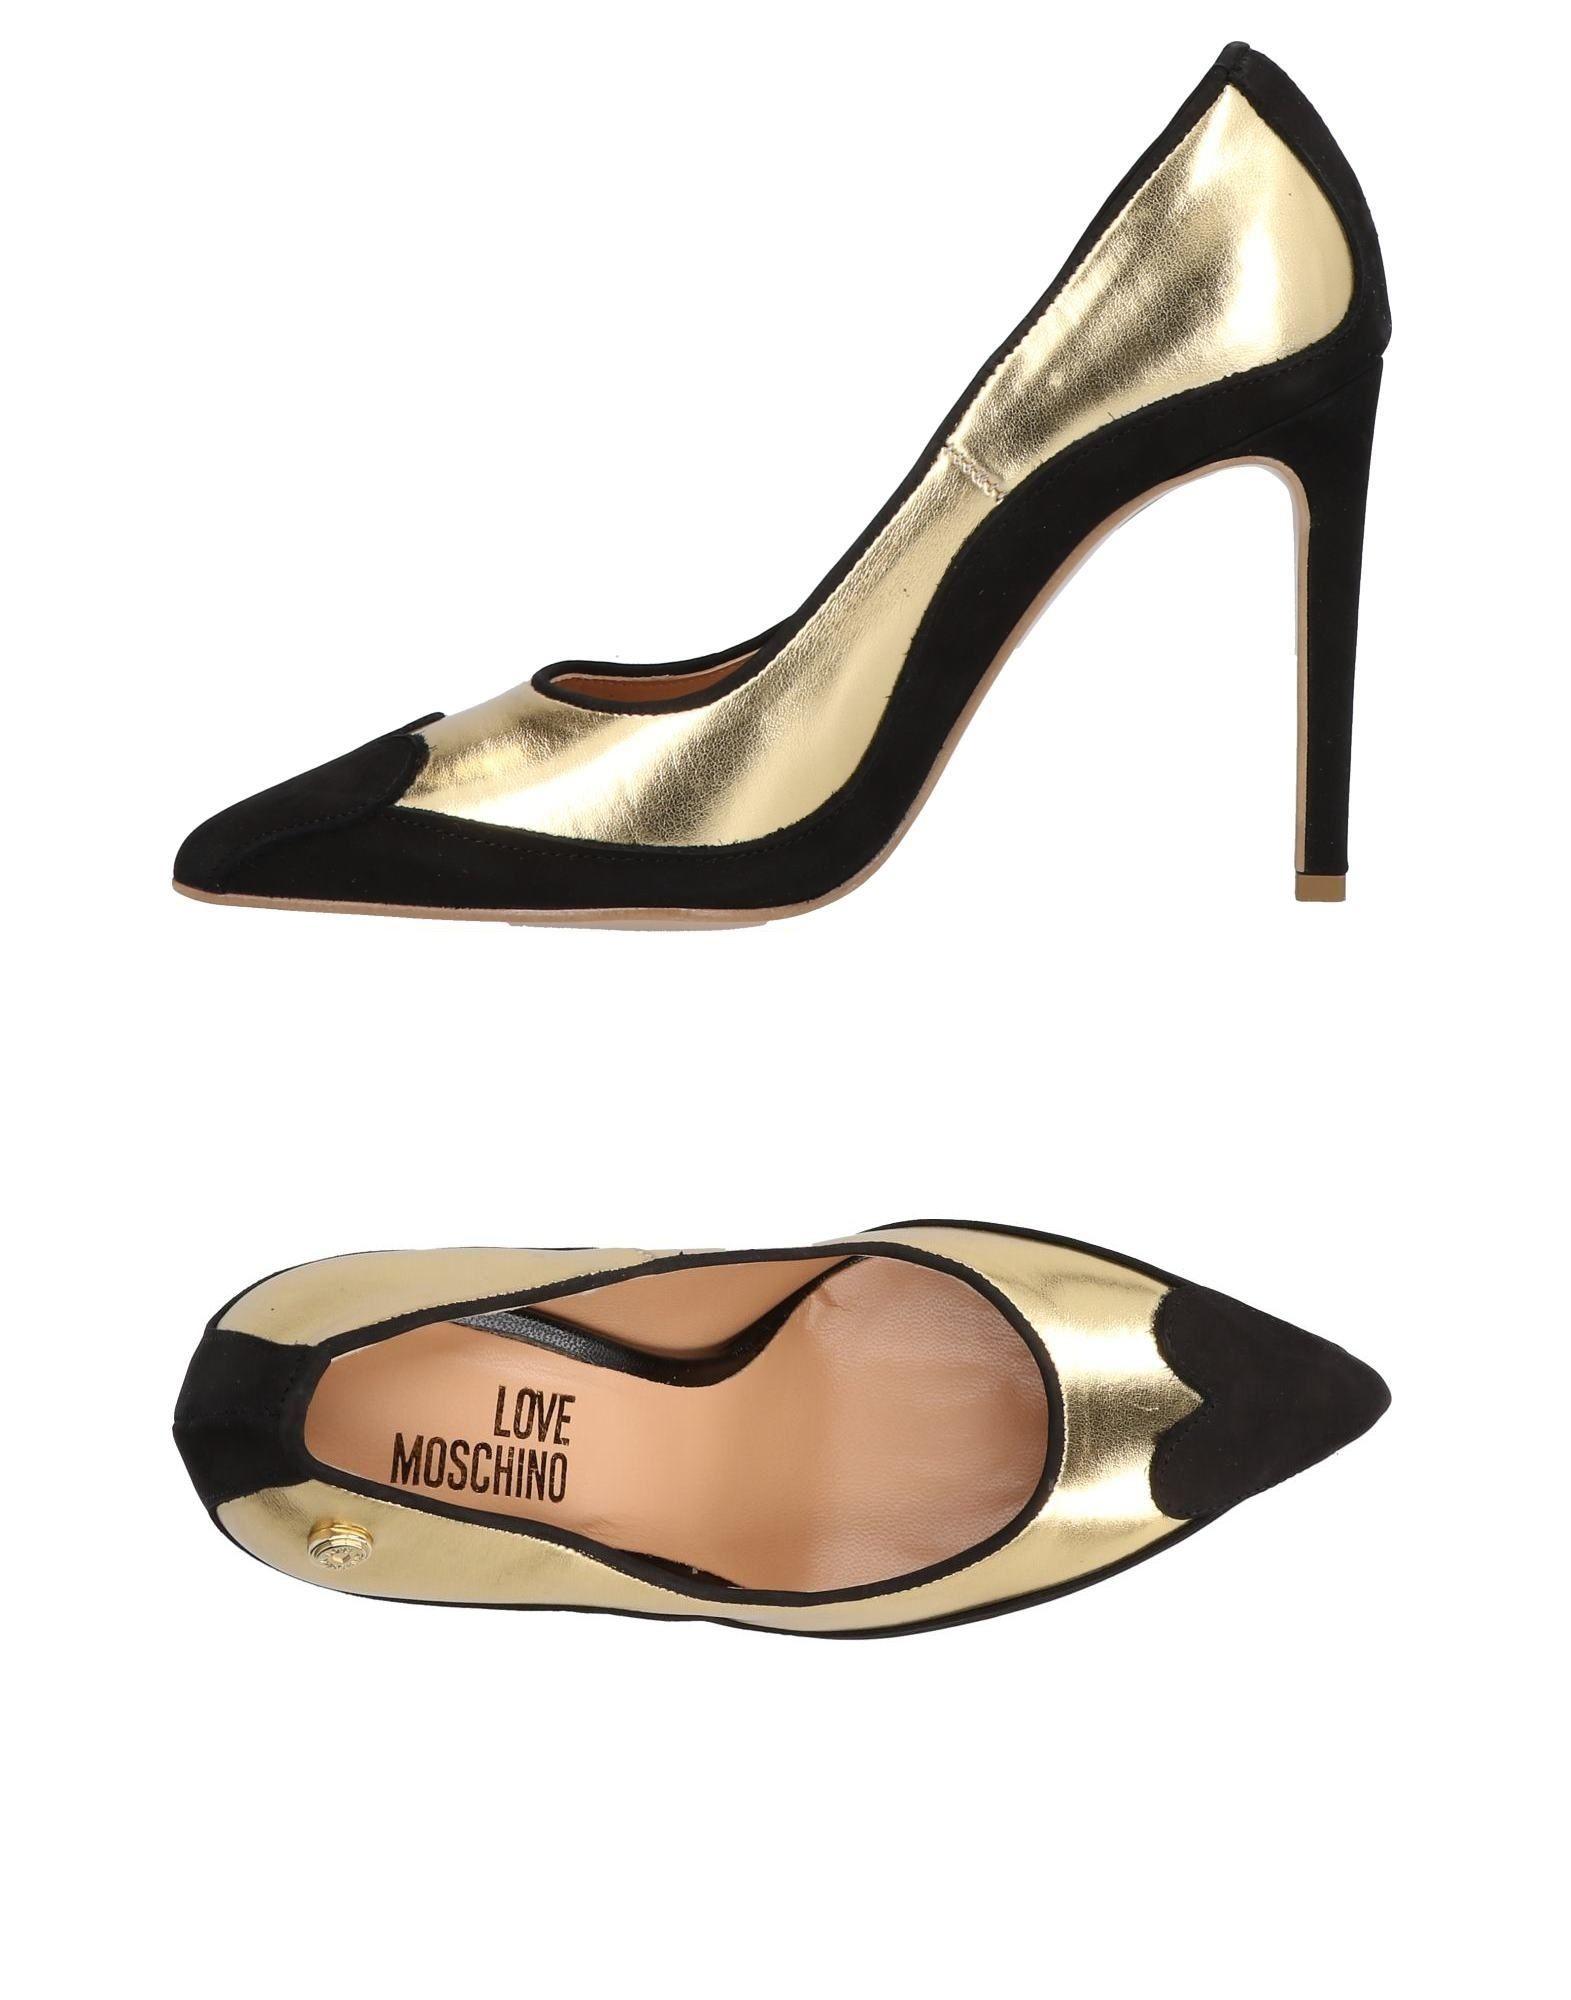 Stilvolle billige Schuhe Love Moschino Pumps Damen  11451107JG 11451107JG 11451107JG 6b8a88